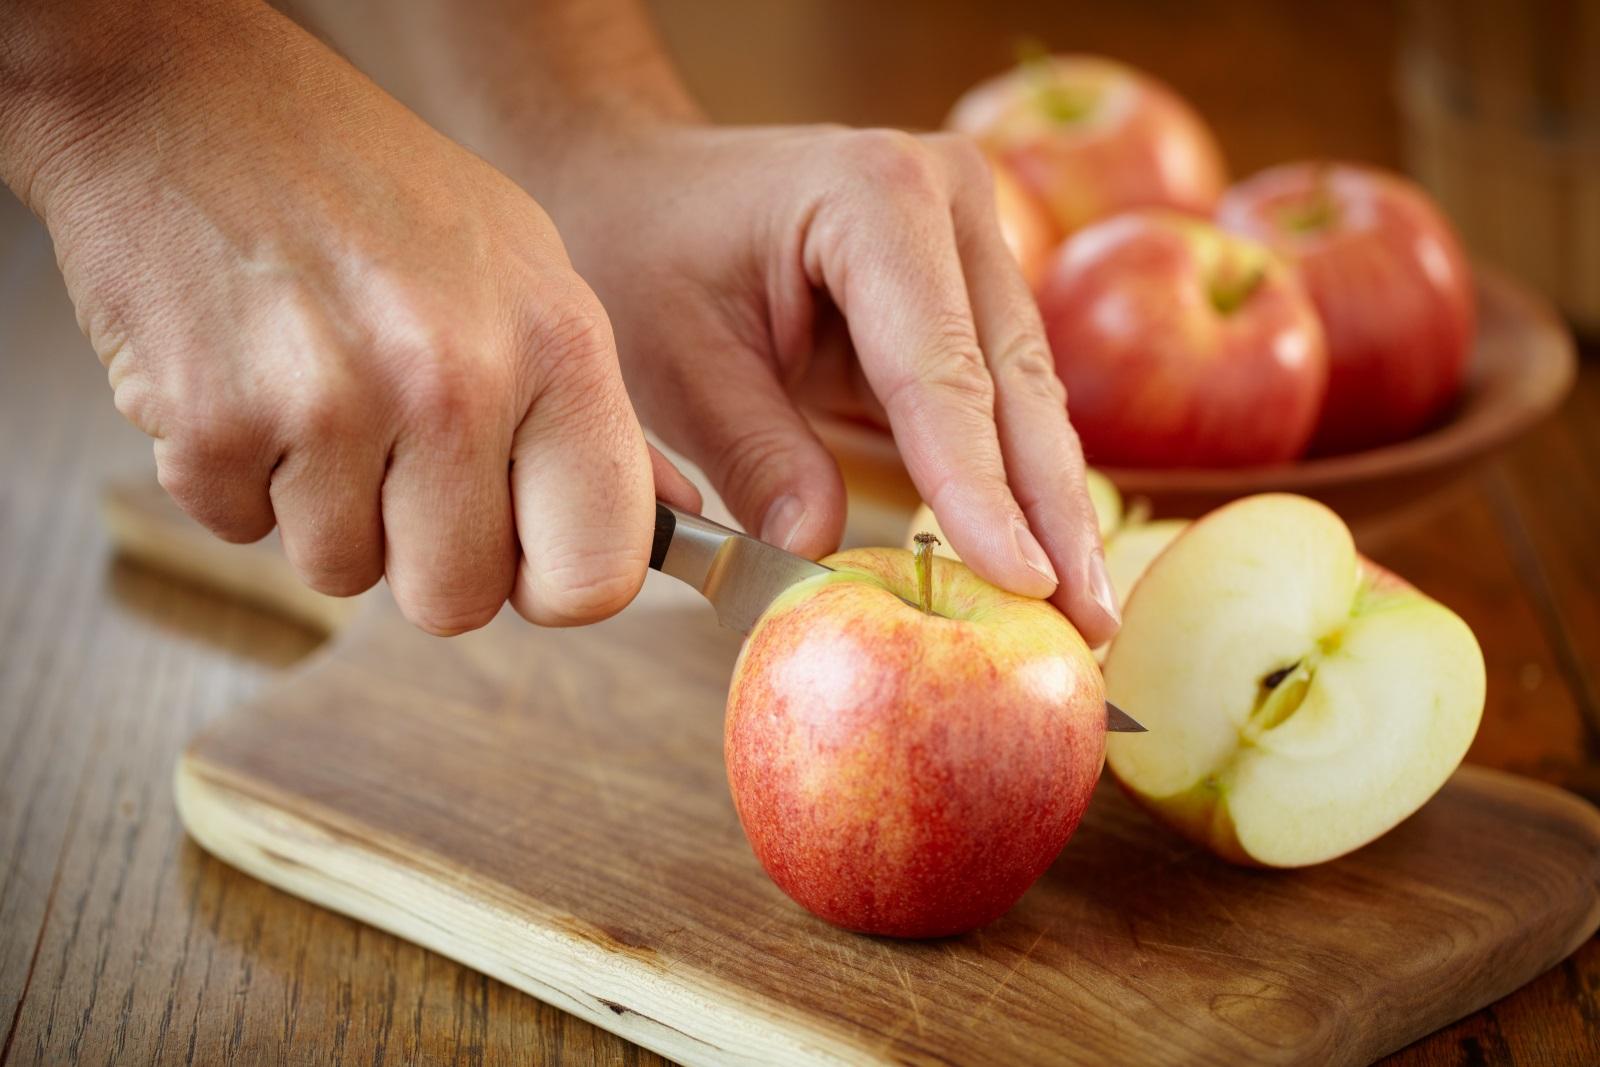 <p>Ябълките са полезни за сърцето. Една от основните причини да похапвате редовно ябълки е, че помагат за доброто здраве на вашето сърце. Фибрите, които (както вече знаем) се съдържат в този плод, намаляват нивата на холестерола и риска от развитие на сърдечно заболяване. Ябълките помагат и срещу натрупването на плака в артериите, което намалява риска от инфаркт.</p>